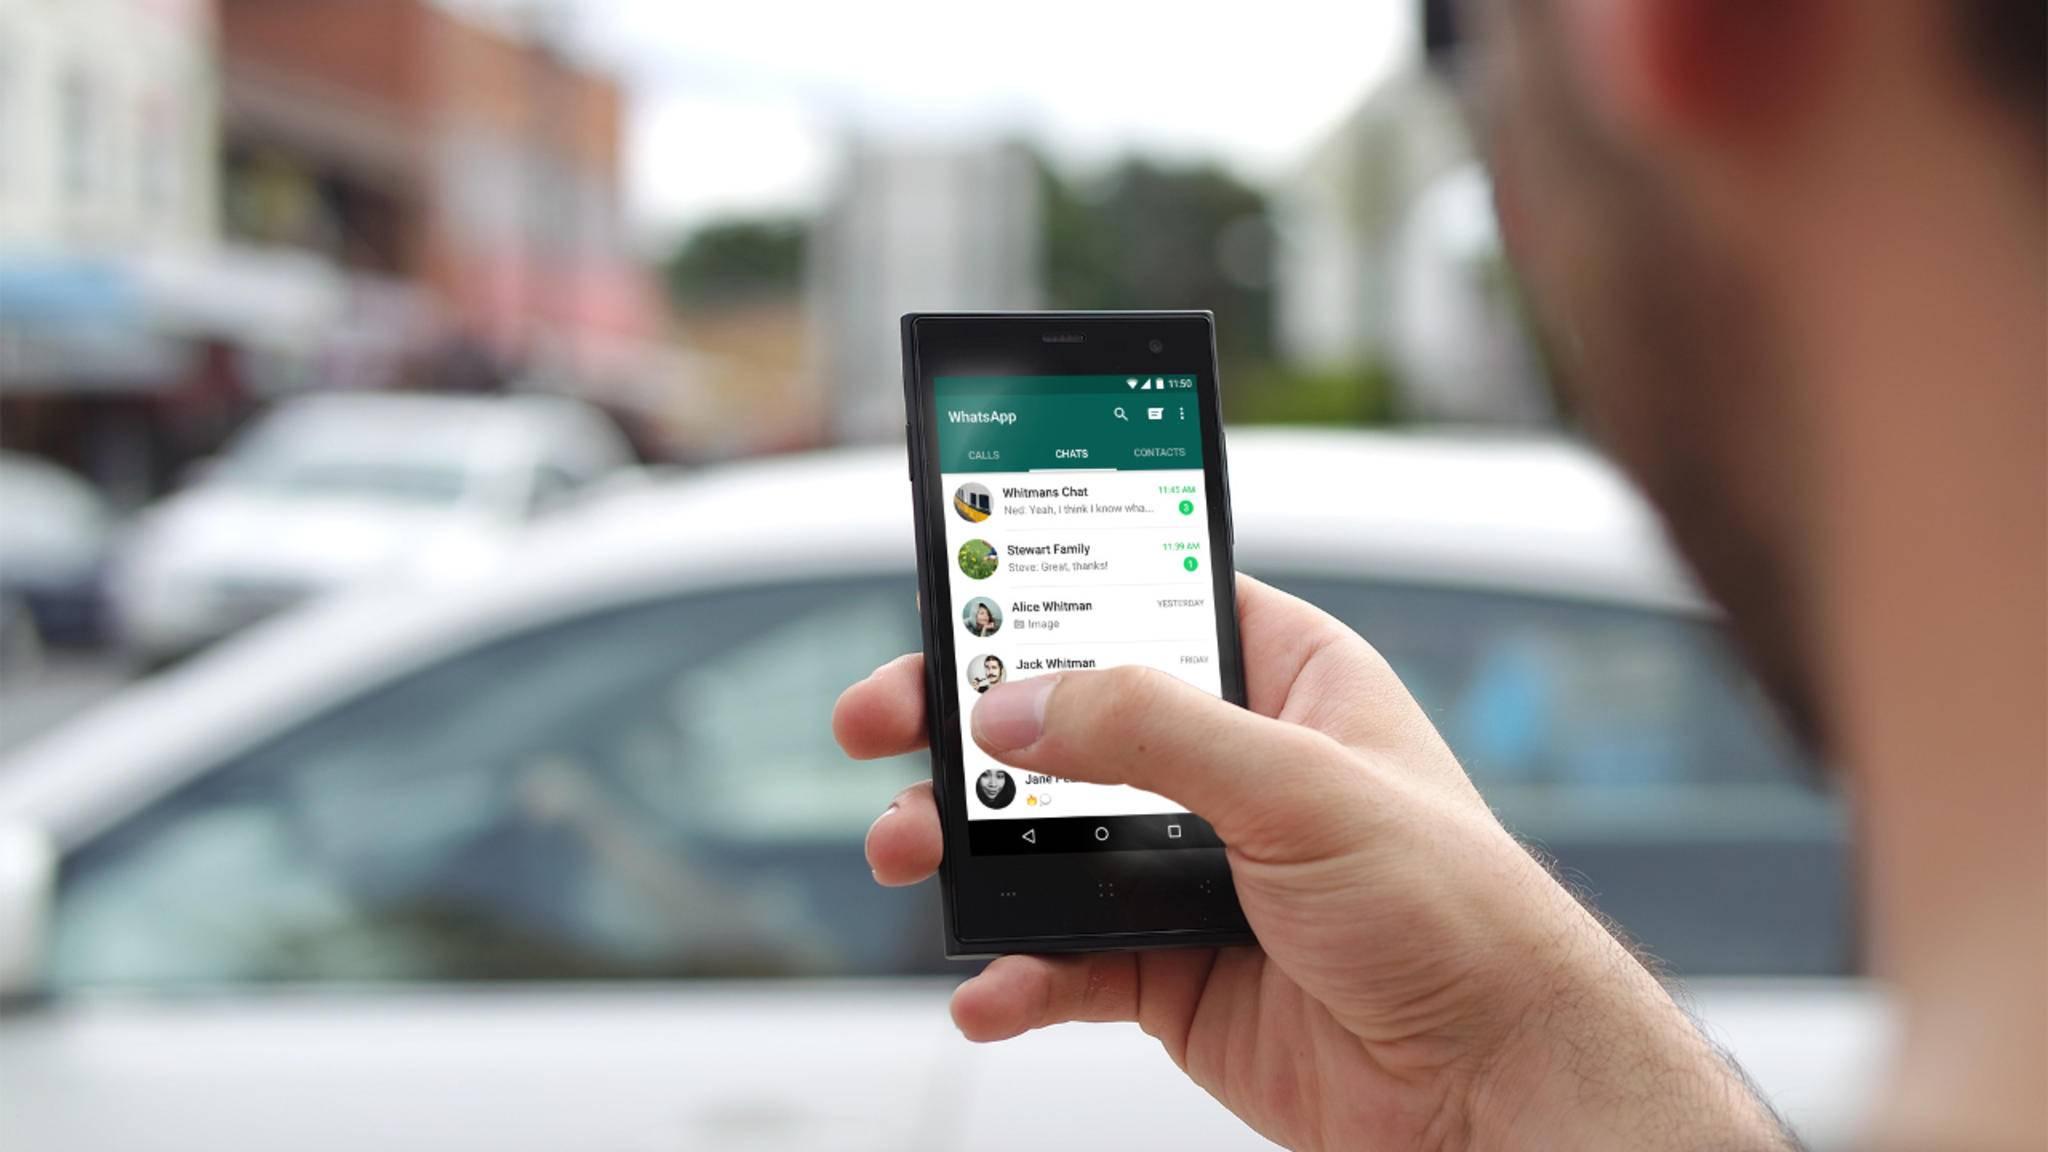 whatsapp auf sd karte verschieben samsung WhatsApp Bilder auf SD Karte speichern: So geht's